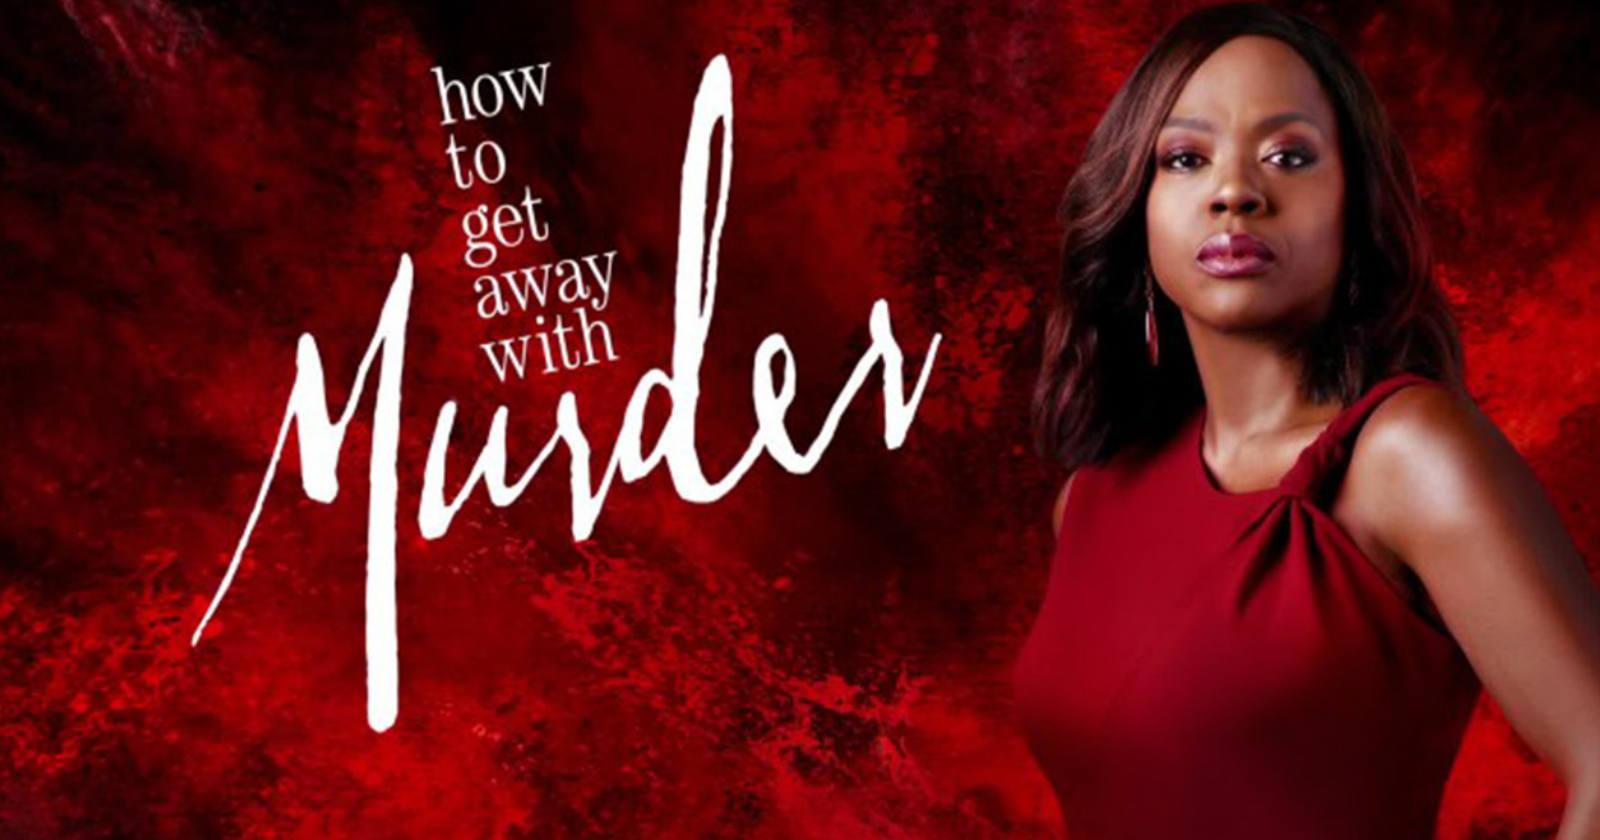 How To Get Away With Murder se despide de Netflix con su sexta y última temporada